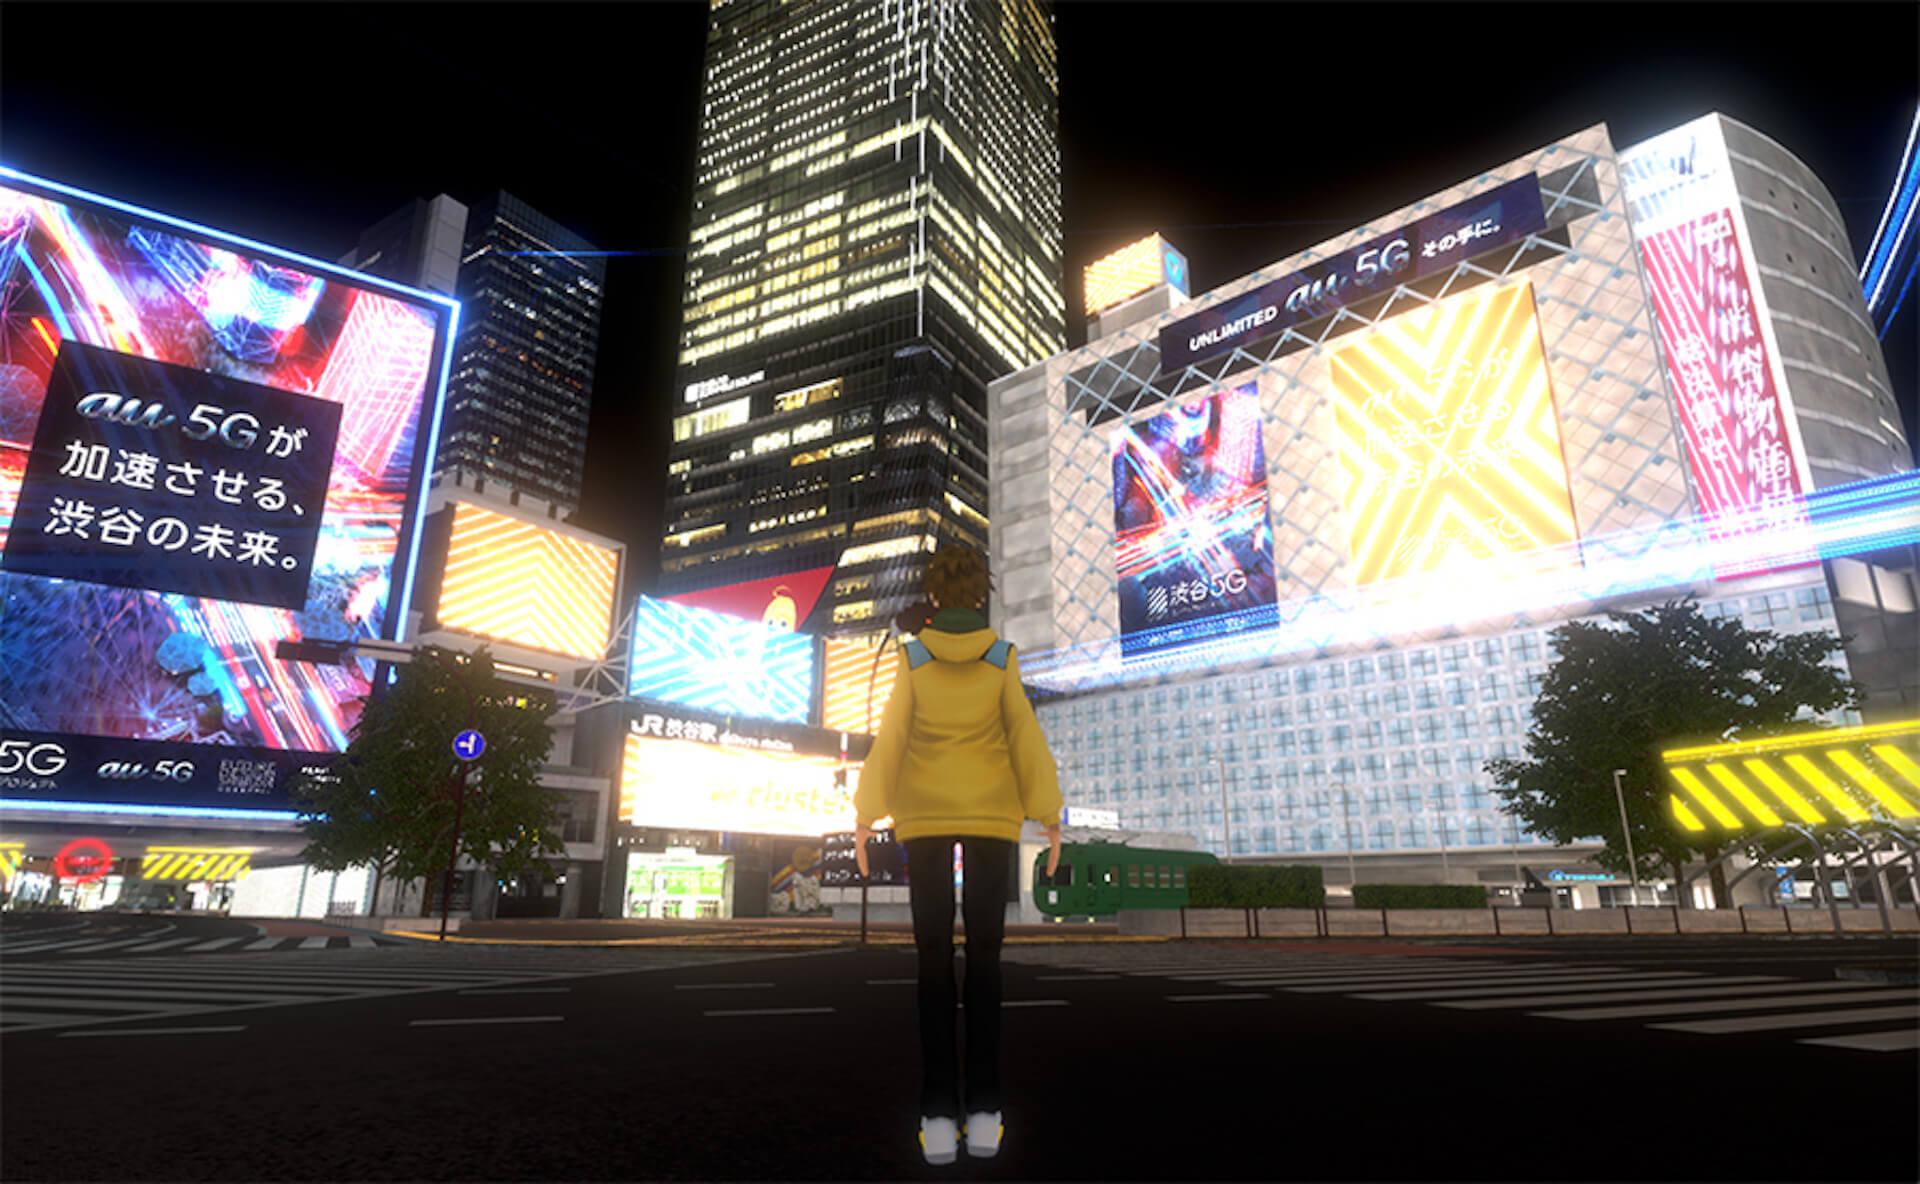 バーチャル渋谷にライブハウスがオープン!音楽ライブ<YOU MAKE SHIBUYA VIRTUAL MUSIC LIVE>総勢100組のラインナップが発表 music210414_virtualshibuya-210414_4